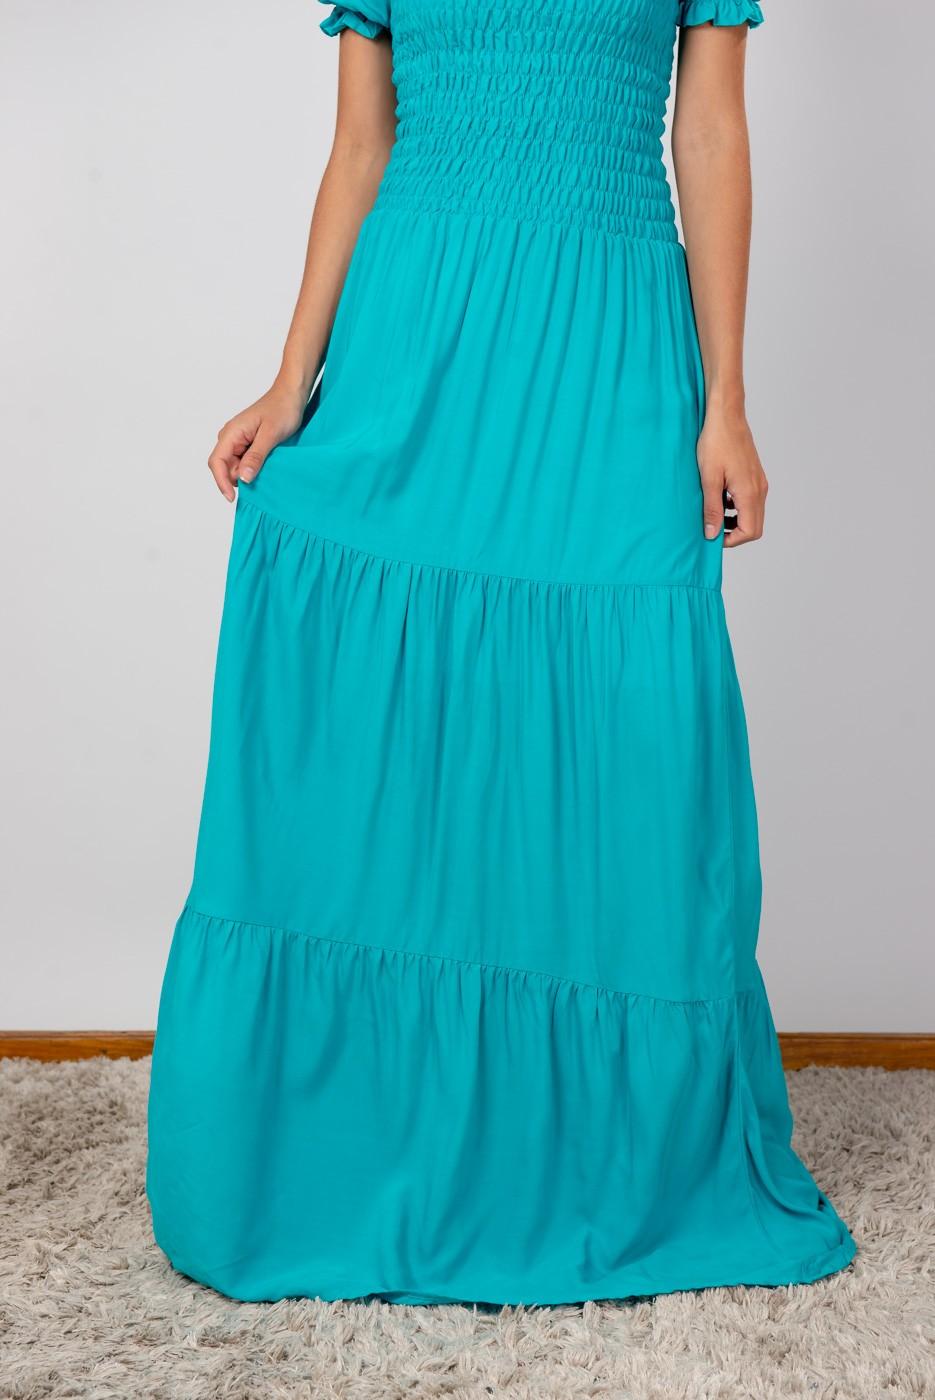 Vestido Lastex Ombro Azul